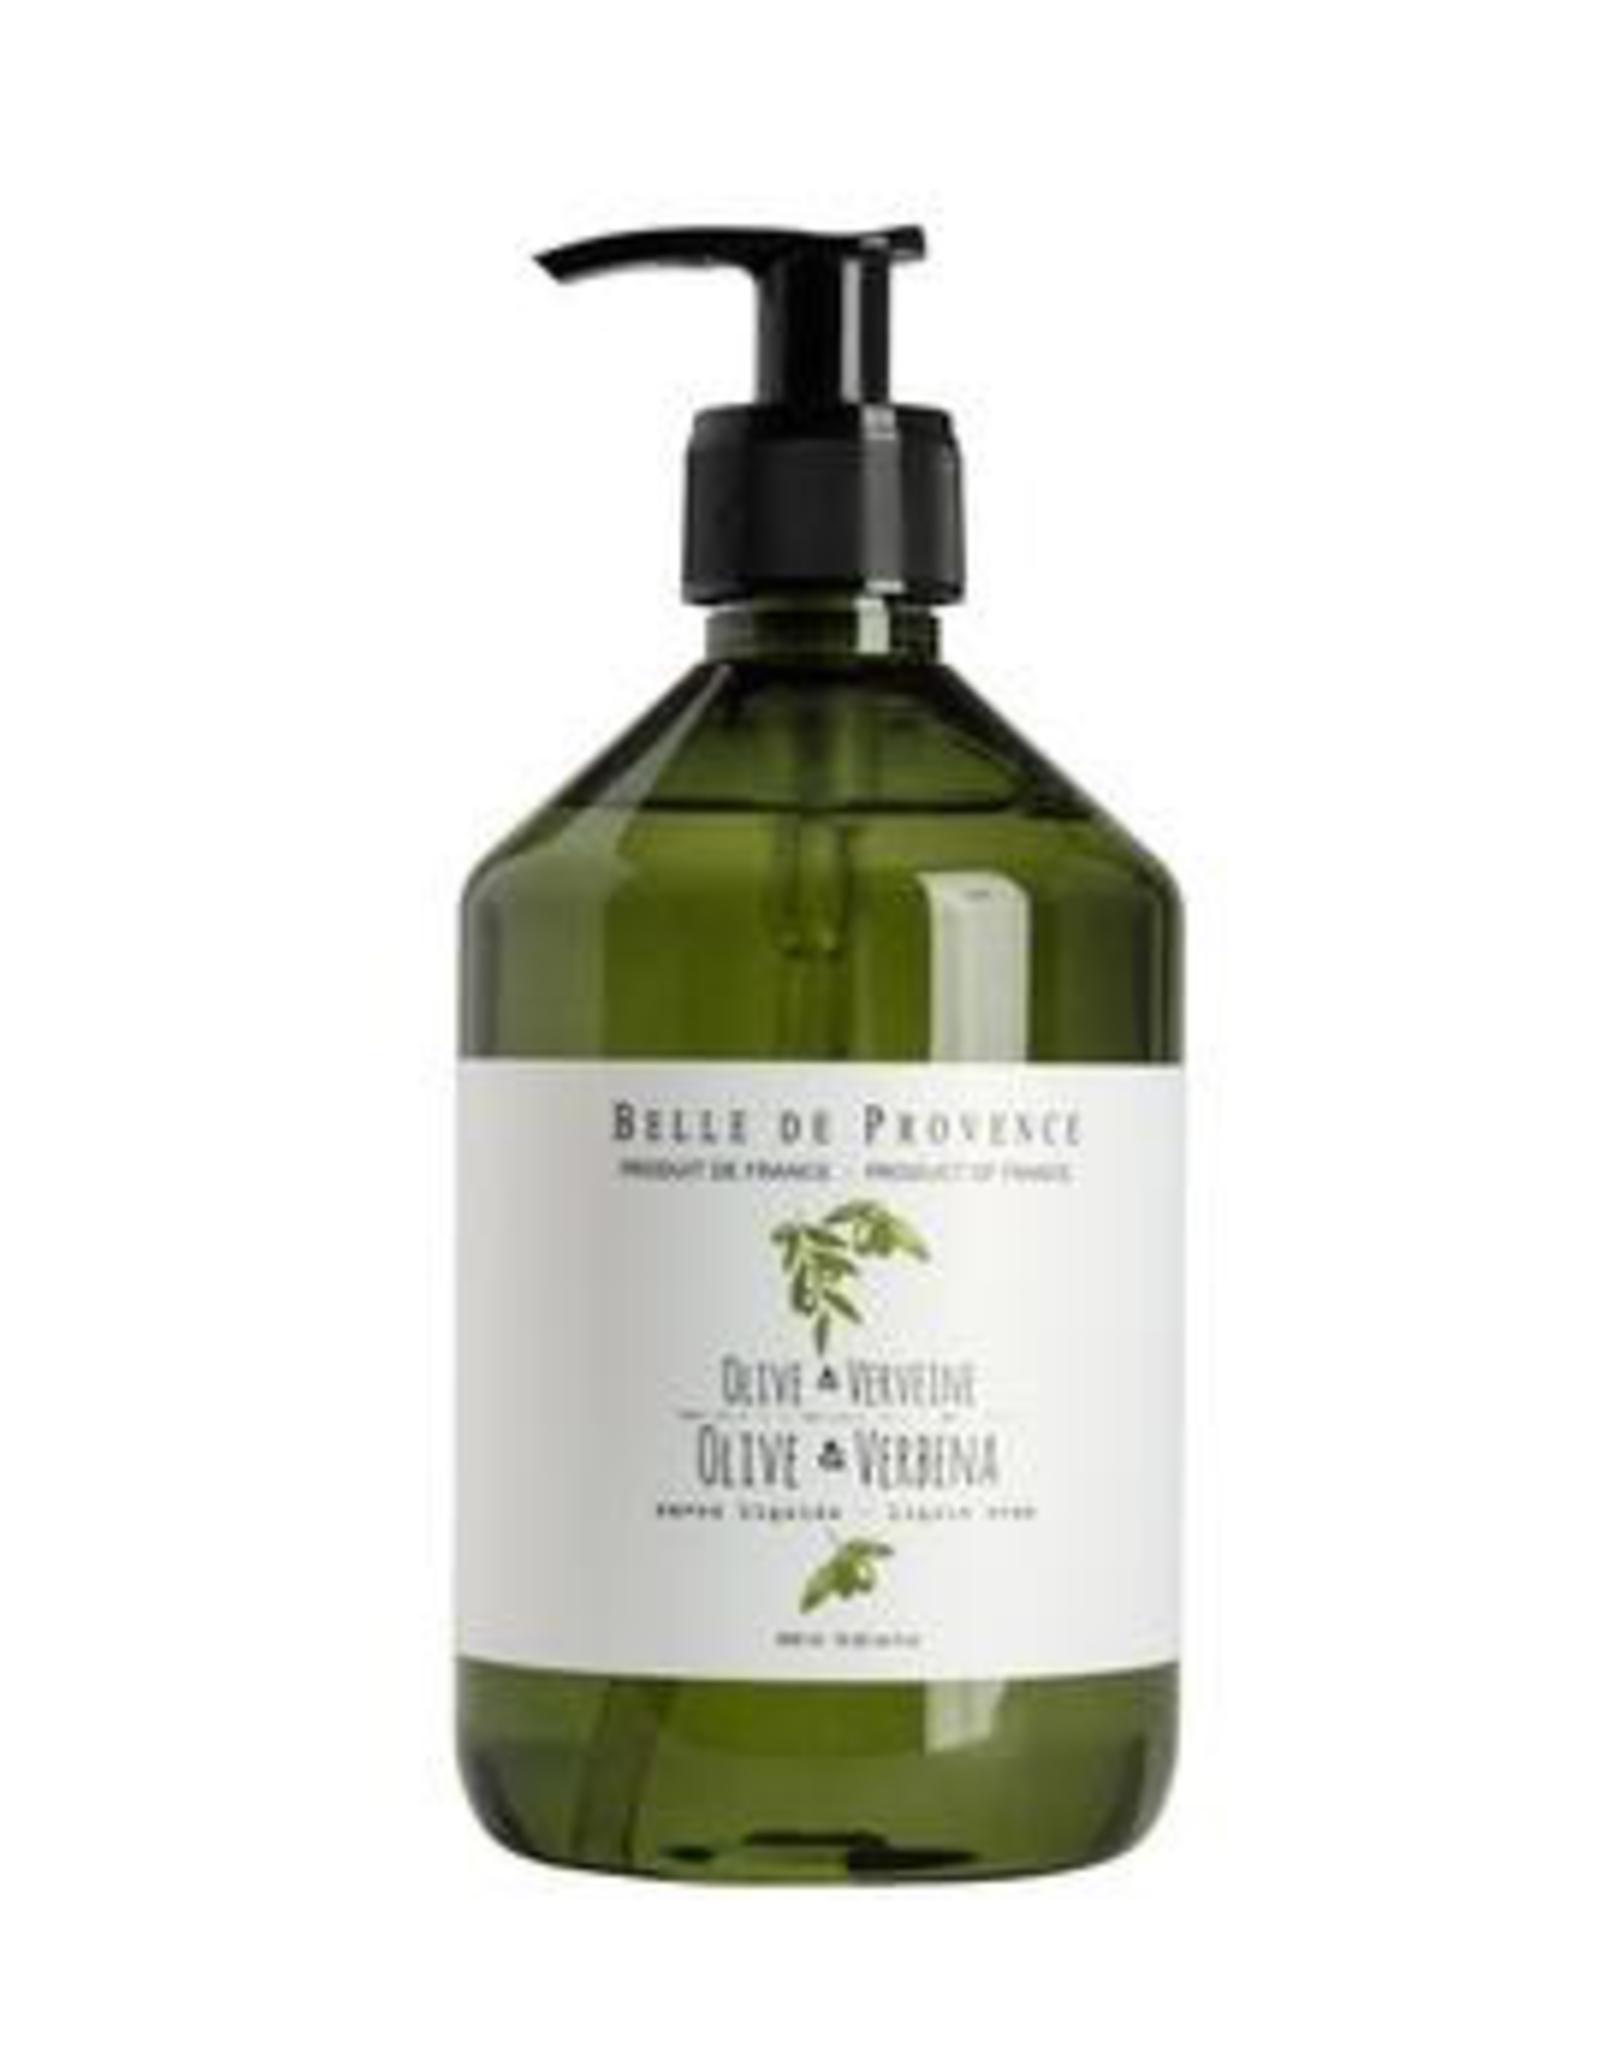 Olive Oil & Verbena Liquid Soap